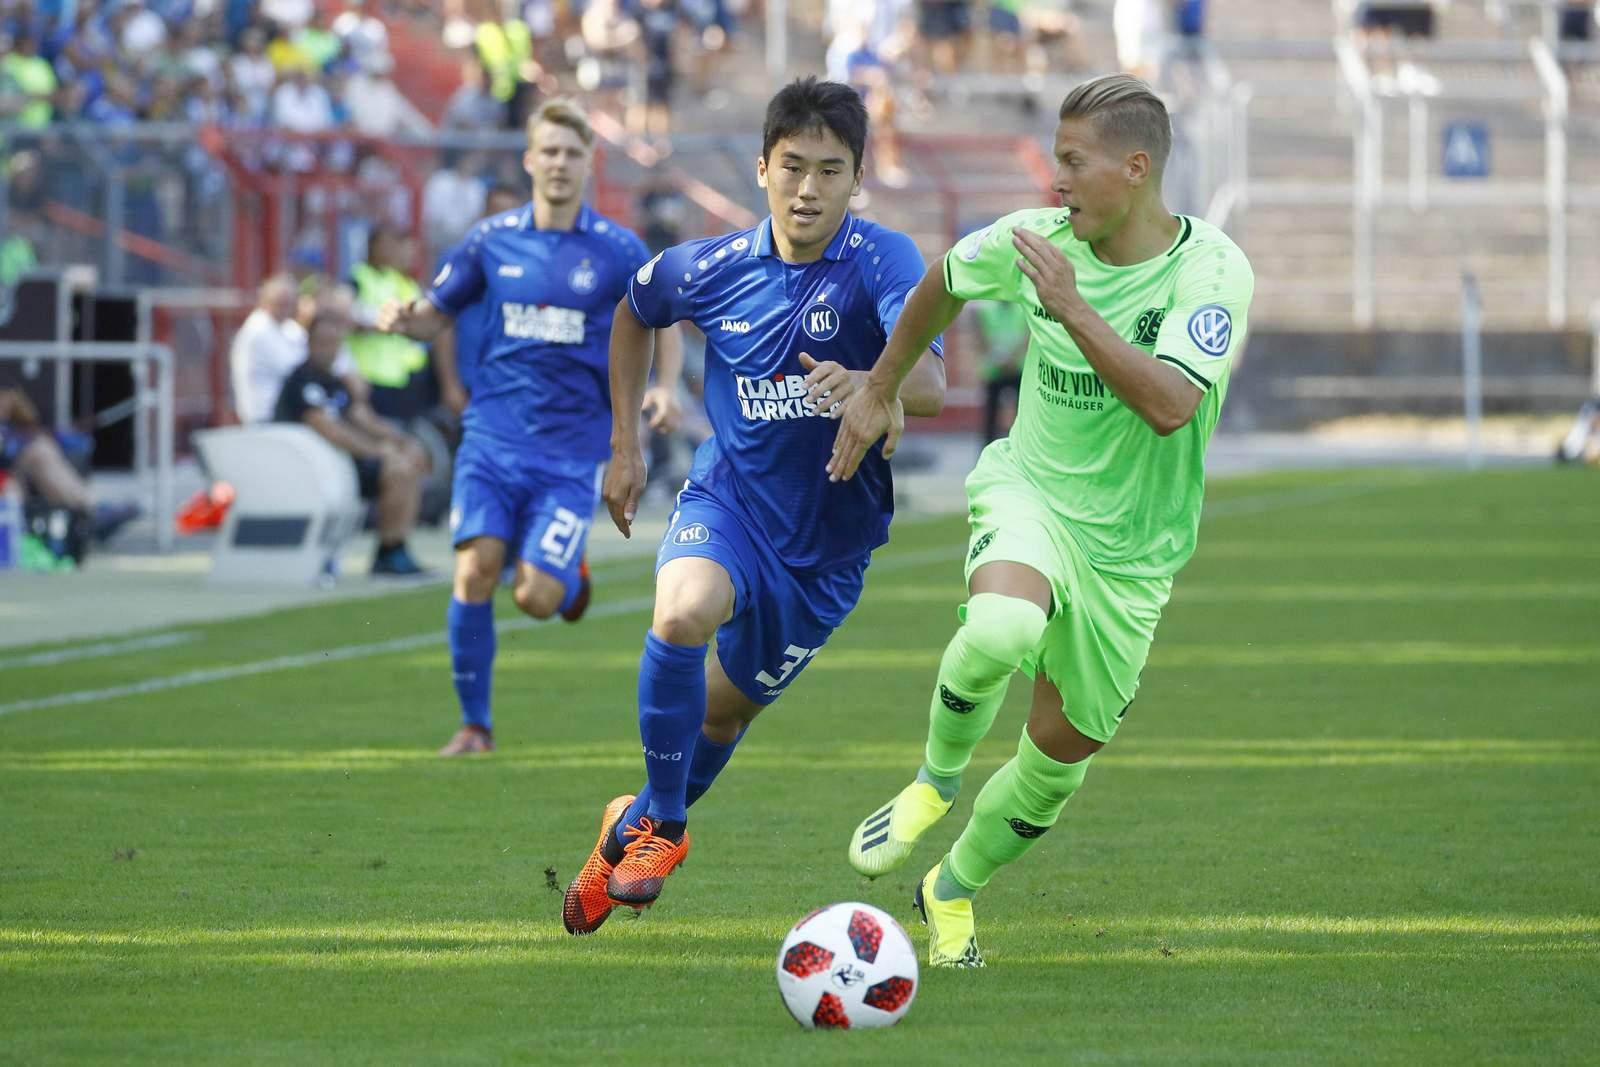 Kyoung-rok Choi vom KSC gegen Matthias Ostrzolek von Hannover 96.